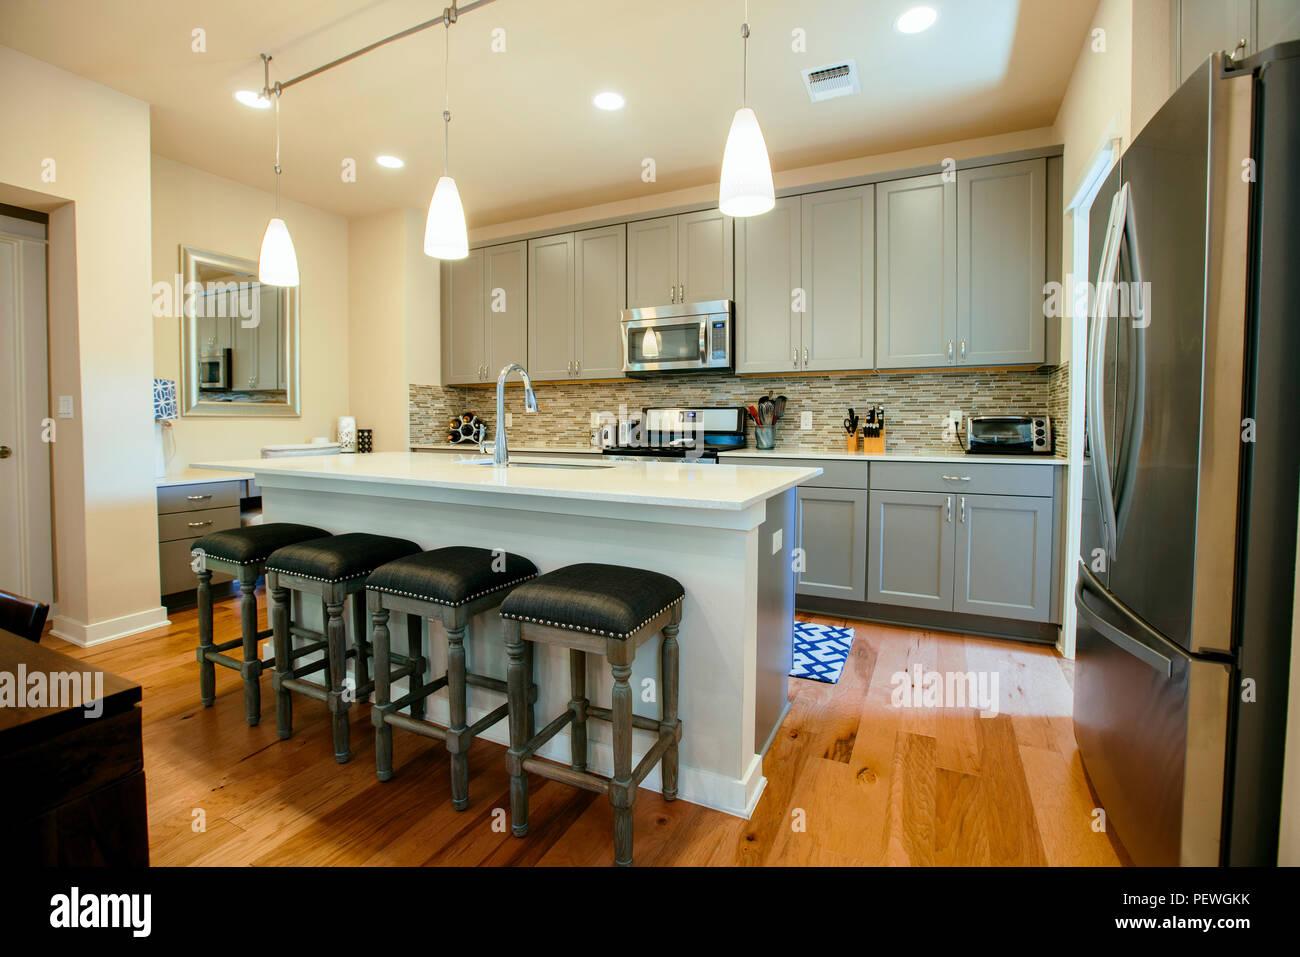 Casa moderna cucina con verde grigio dotato di unità un isola per